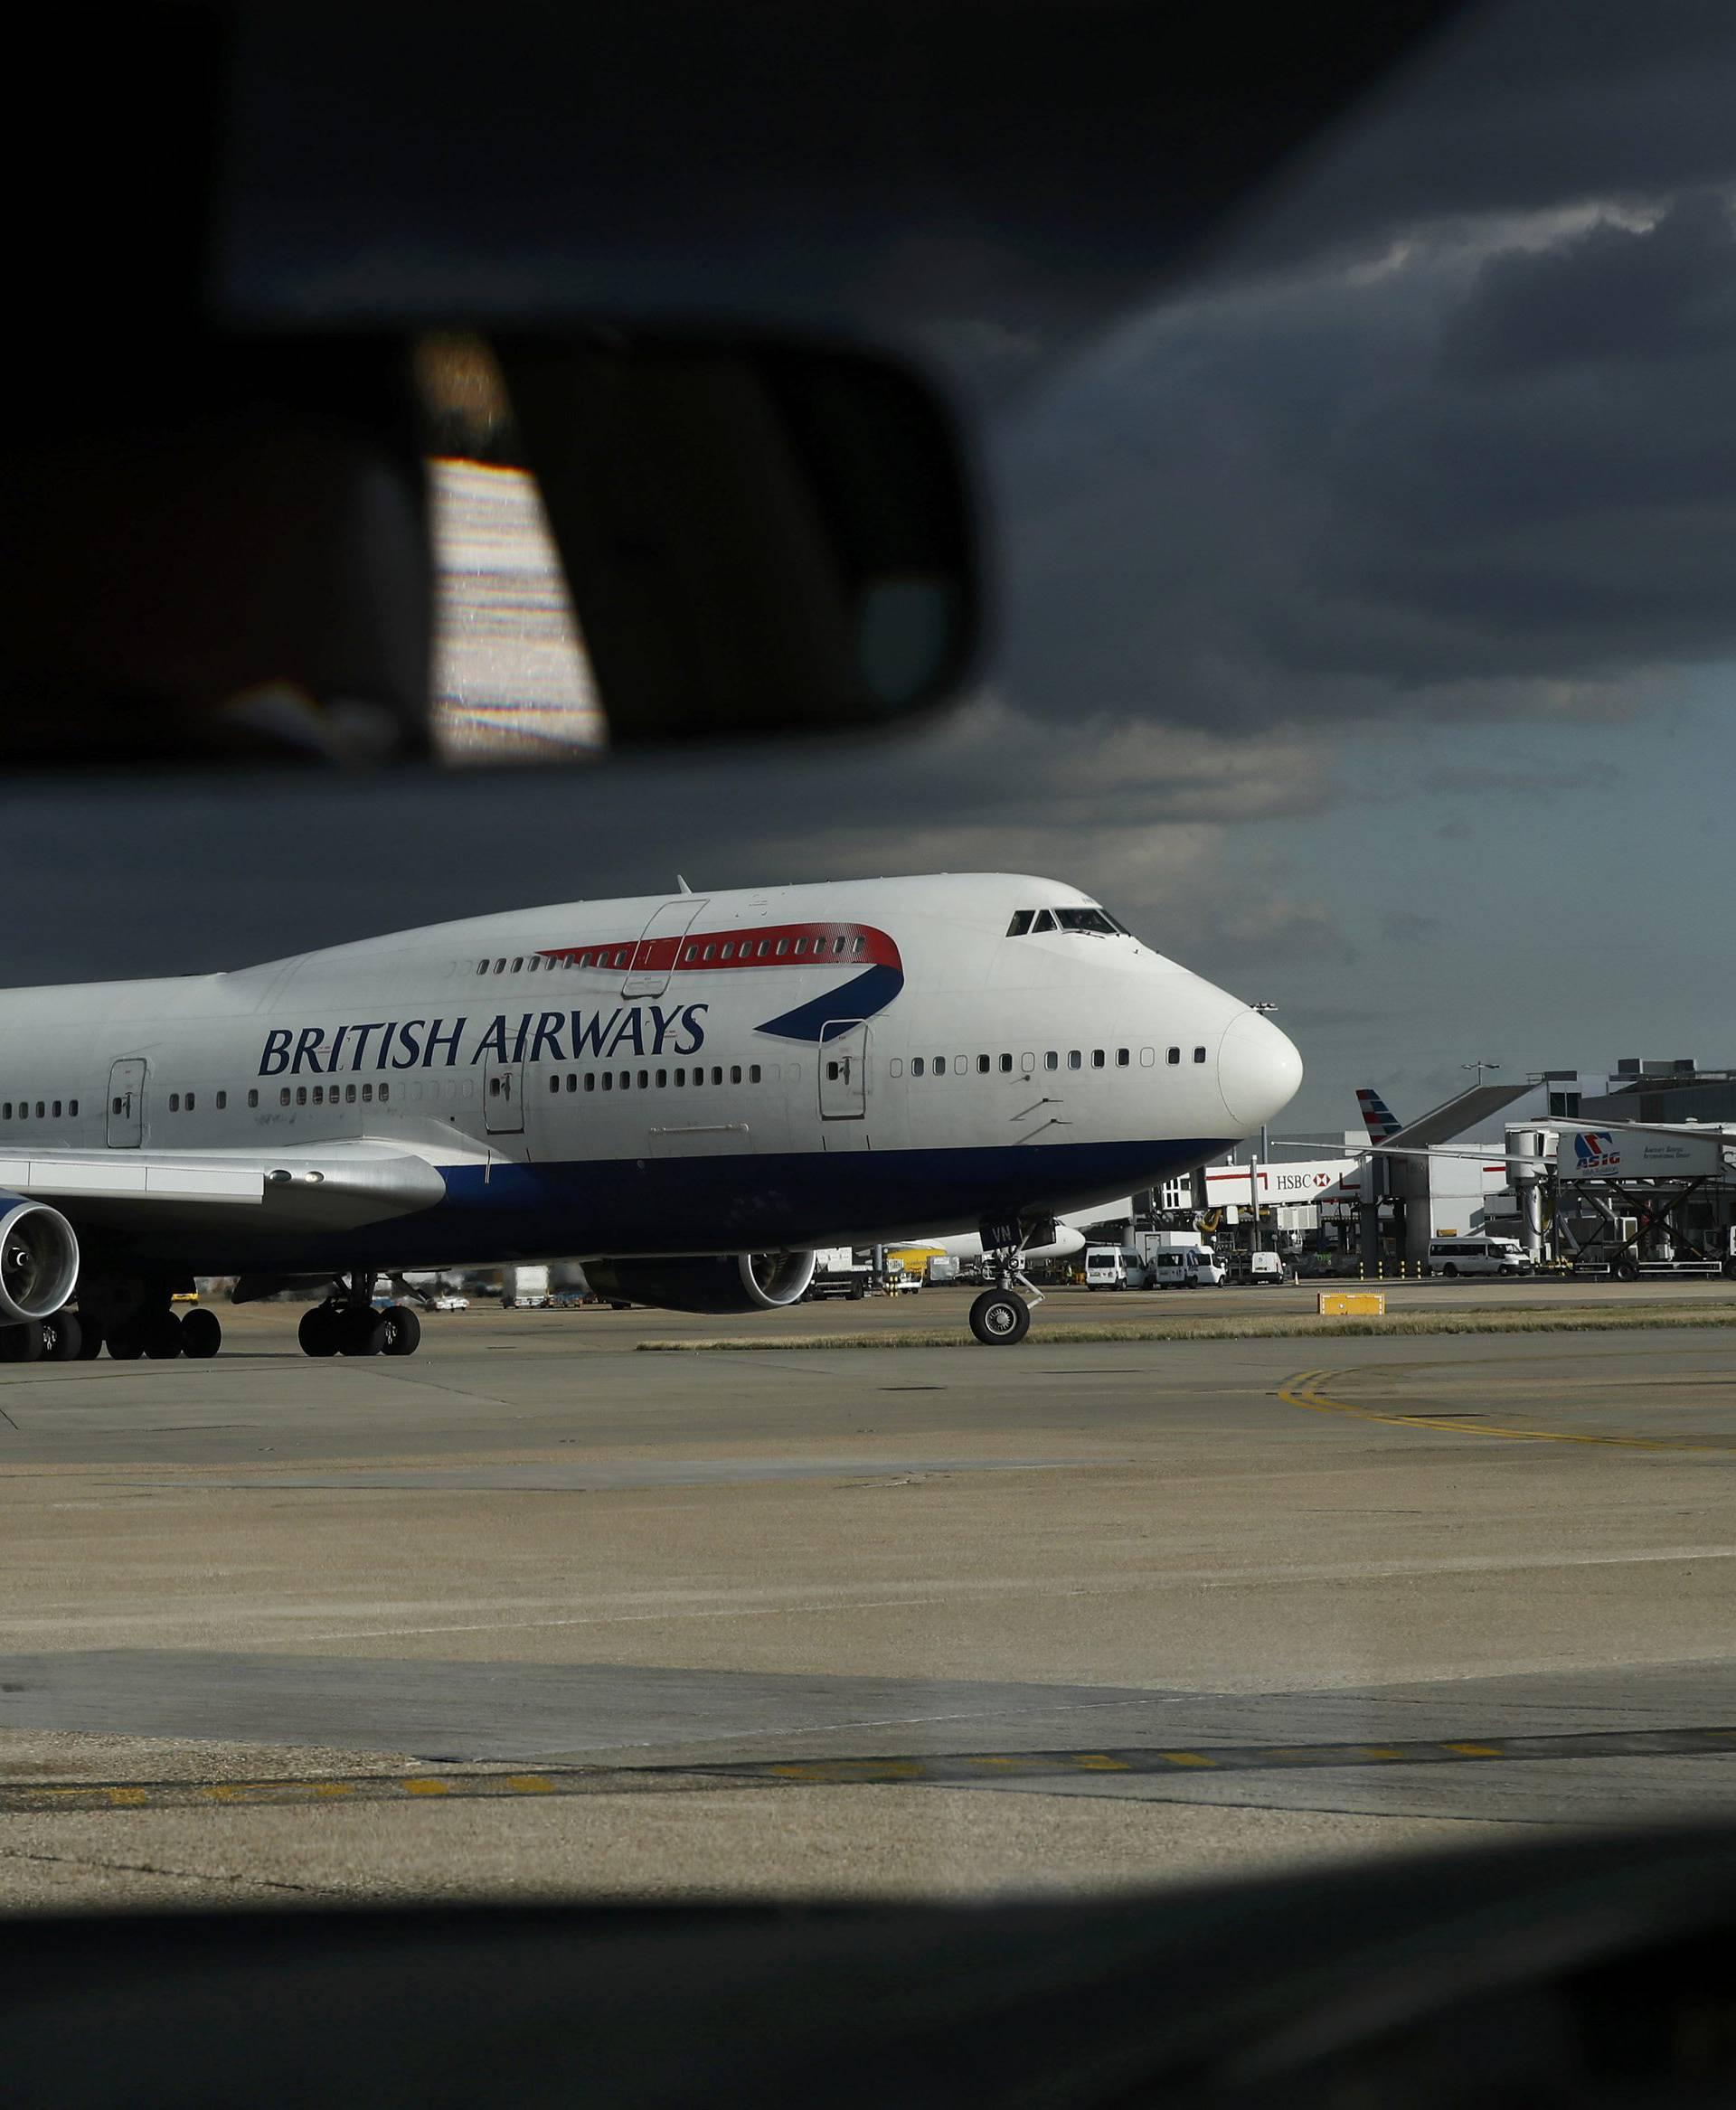 A British Airways aircraft taxis at Heathrow Airport near London